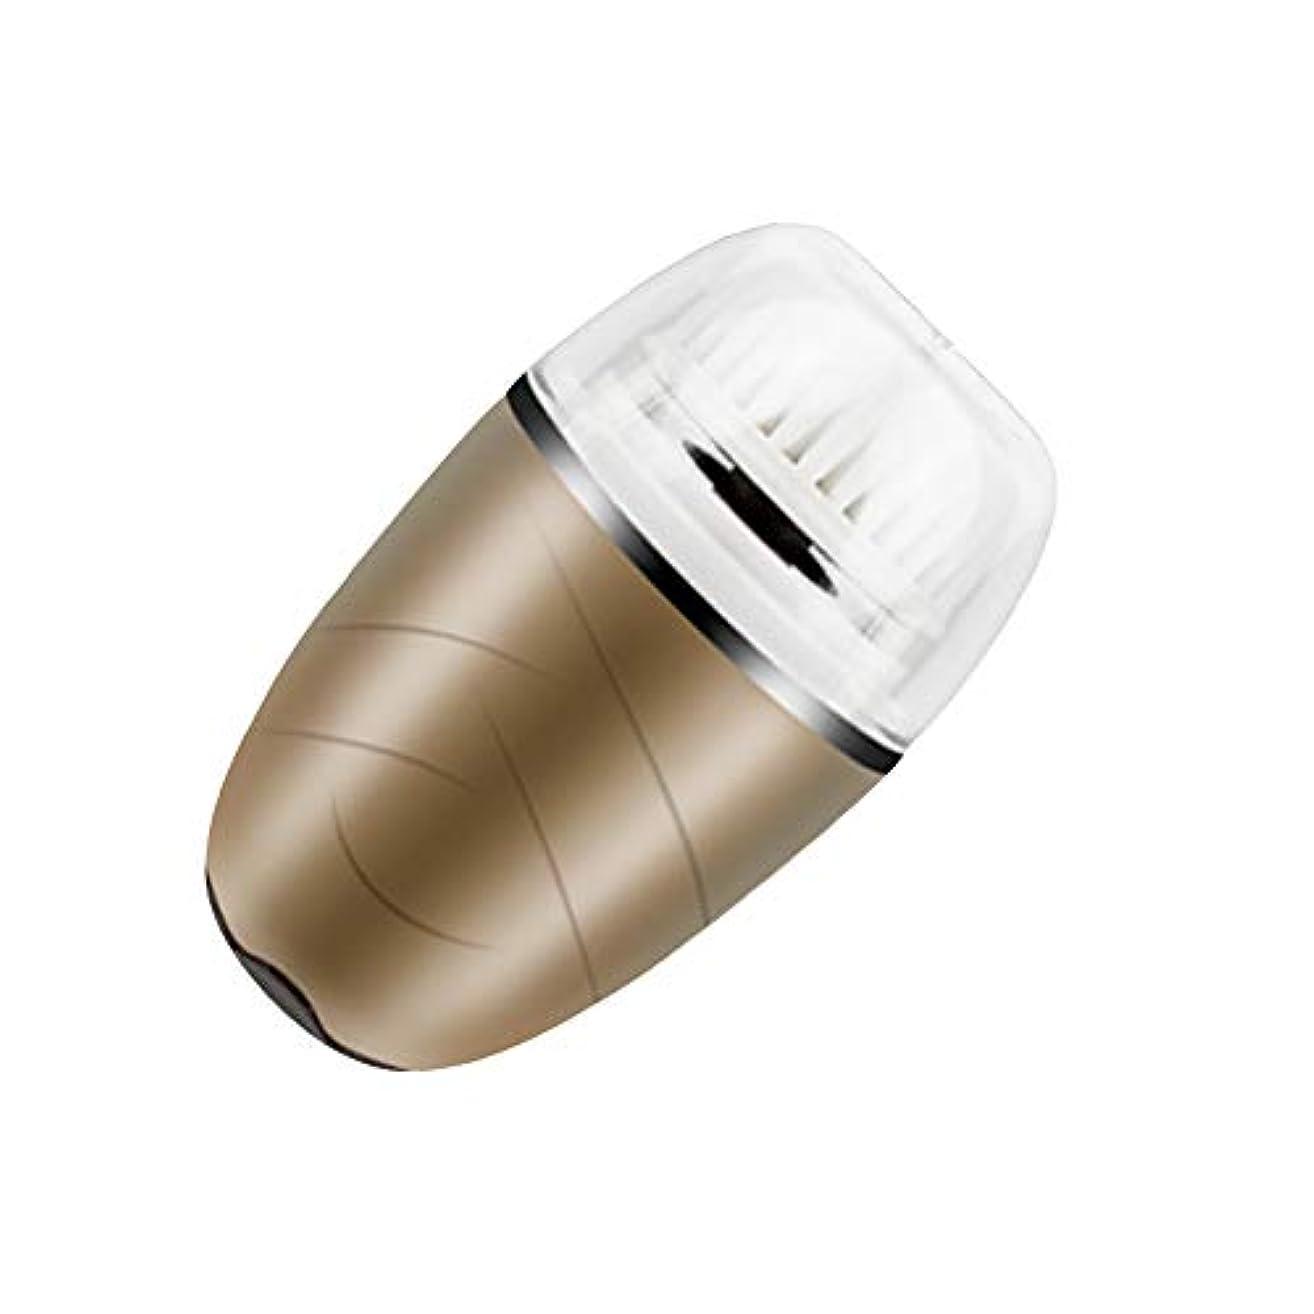 意欲チャレンジ粘り強い洗顔ブラシ、電動ソニックフェイスブラシ振動顔クレンジングシステム防水ブラシにきびエクスフォリエーター USB 充電式,Gold